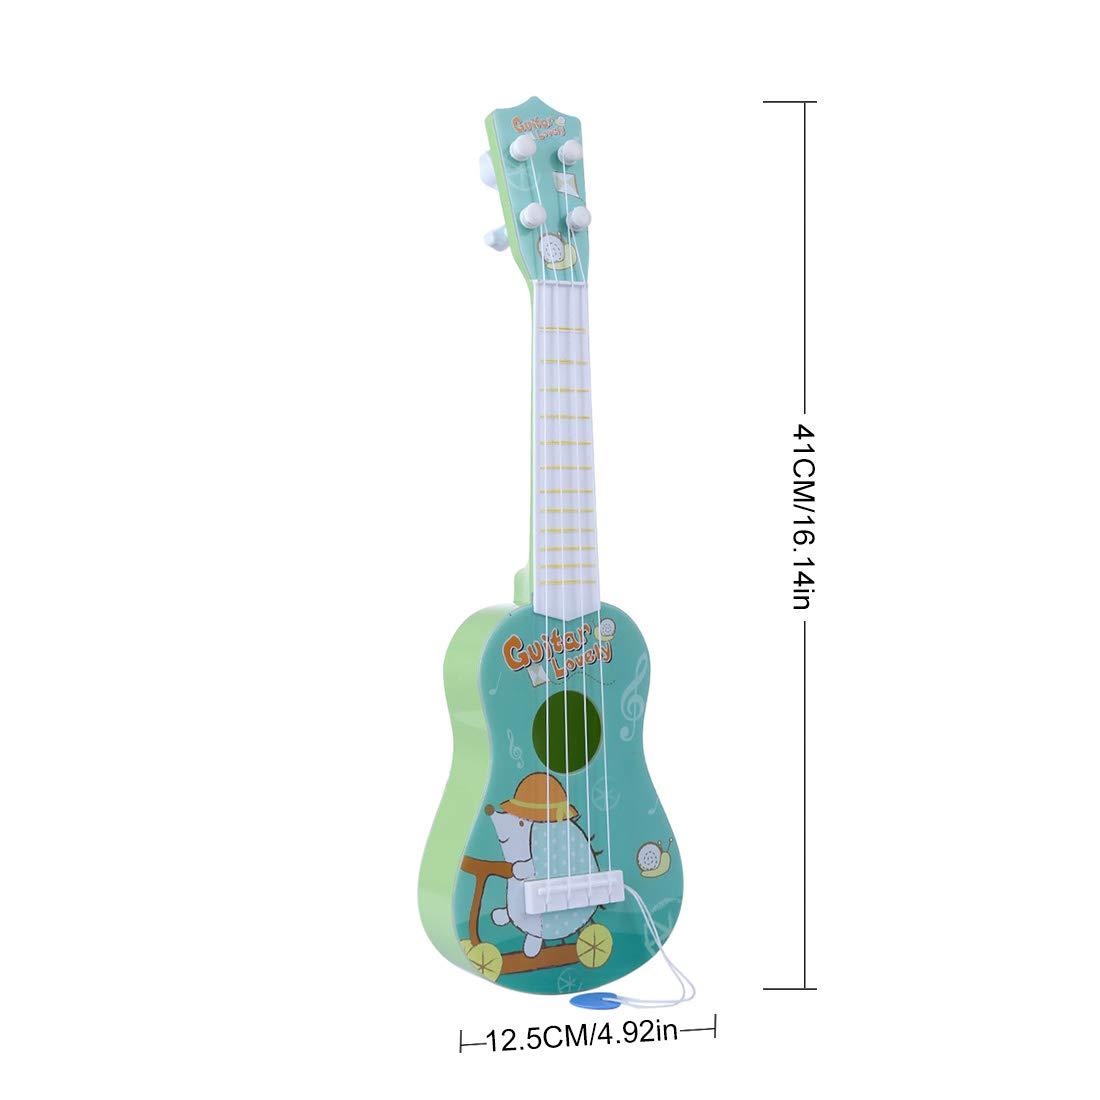 TETAKE Kindergitarre 16 Zoll 4 Saiten Gitarre Kinder Gitarre Spielzeug Gitarre Anf/änger Gitarre Baby mit Plektrum Musikinstrumente f/ür Kinder ab 1 Jahr